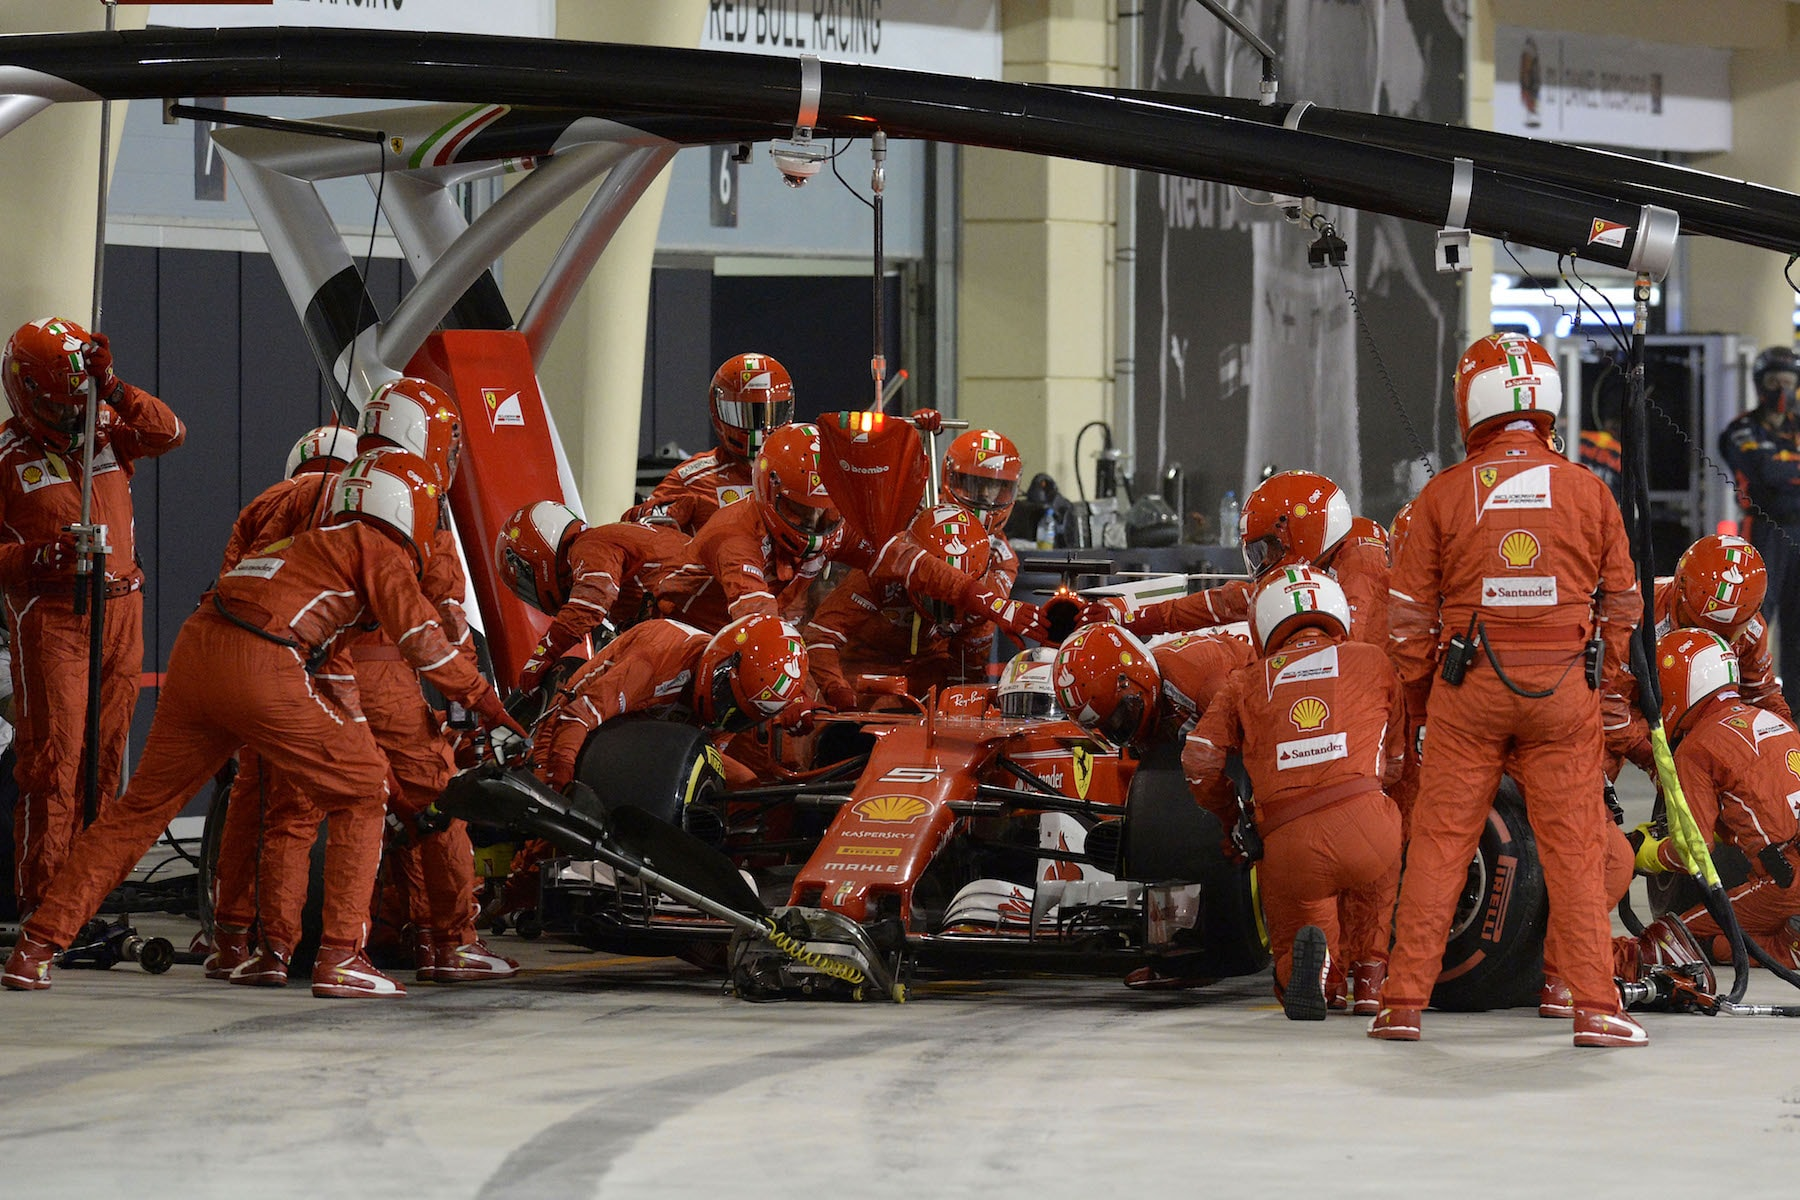 H 2017 Sebastian Vettel   Ferrari SF70H   2017 Bahrain GP P1 7 copy.jpg